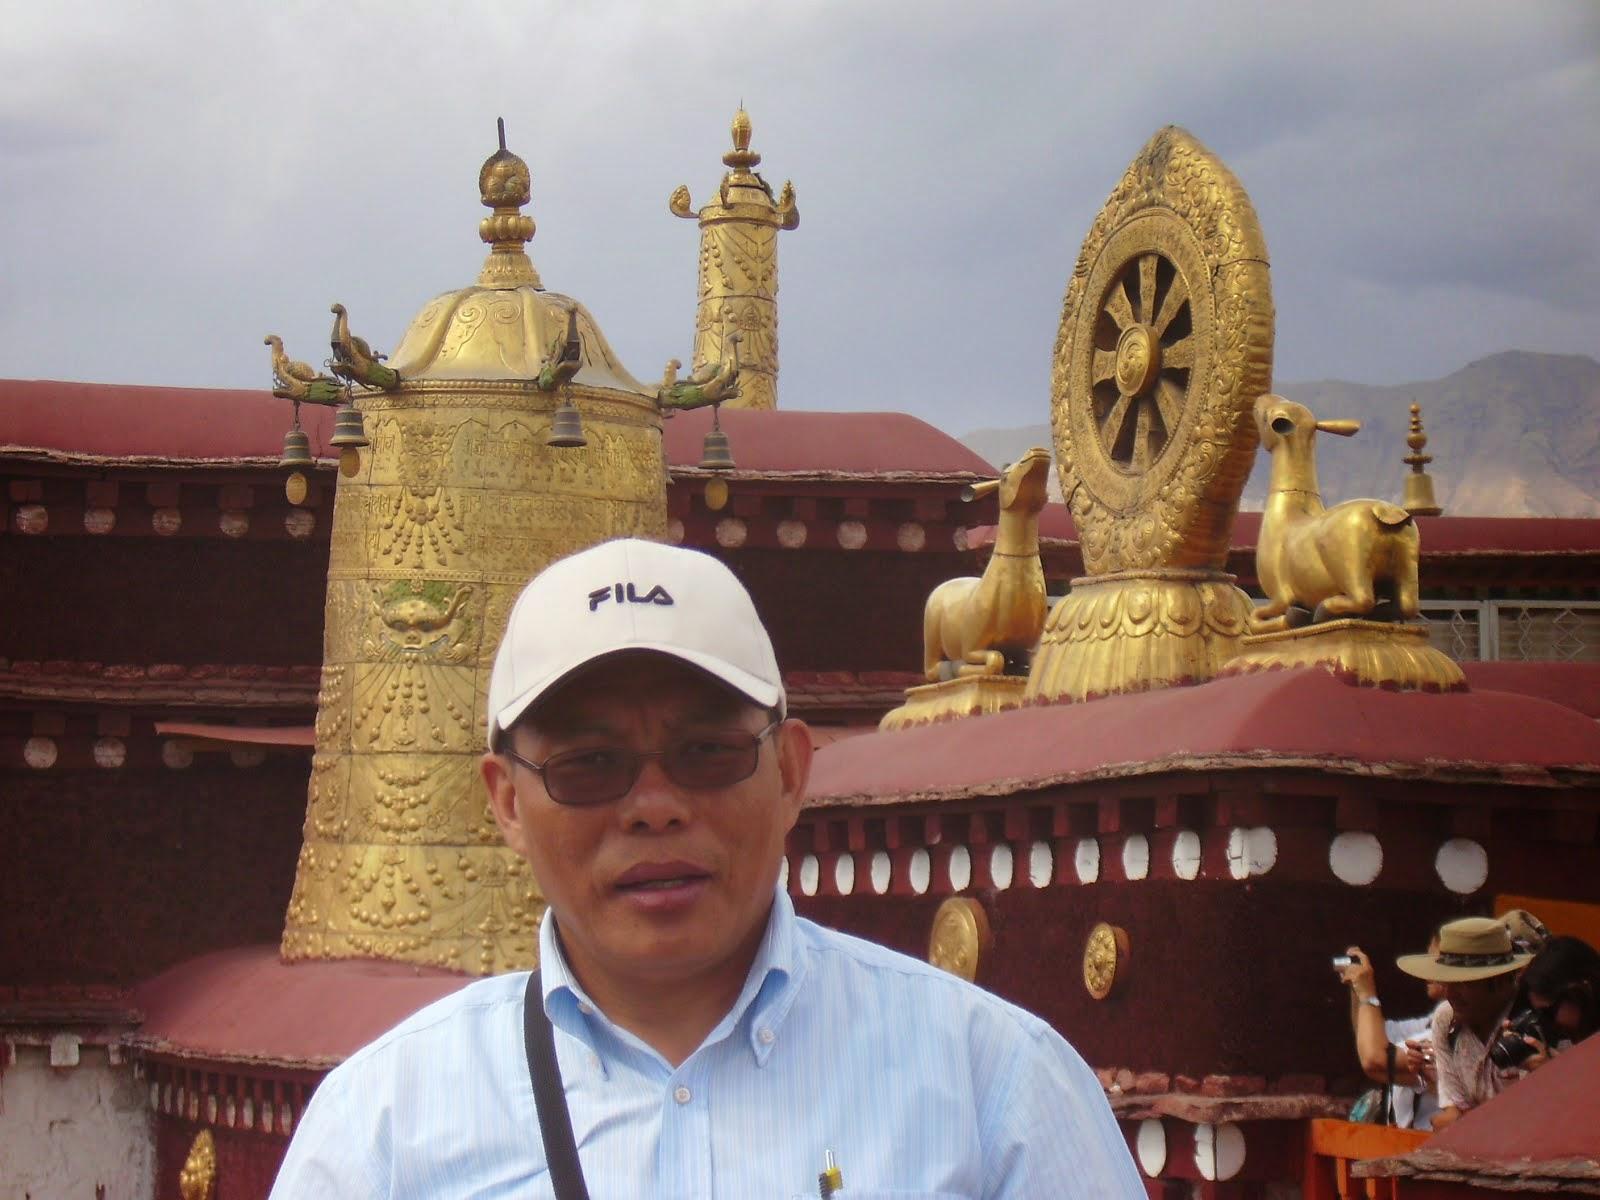 Lhasa 2010